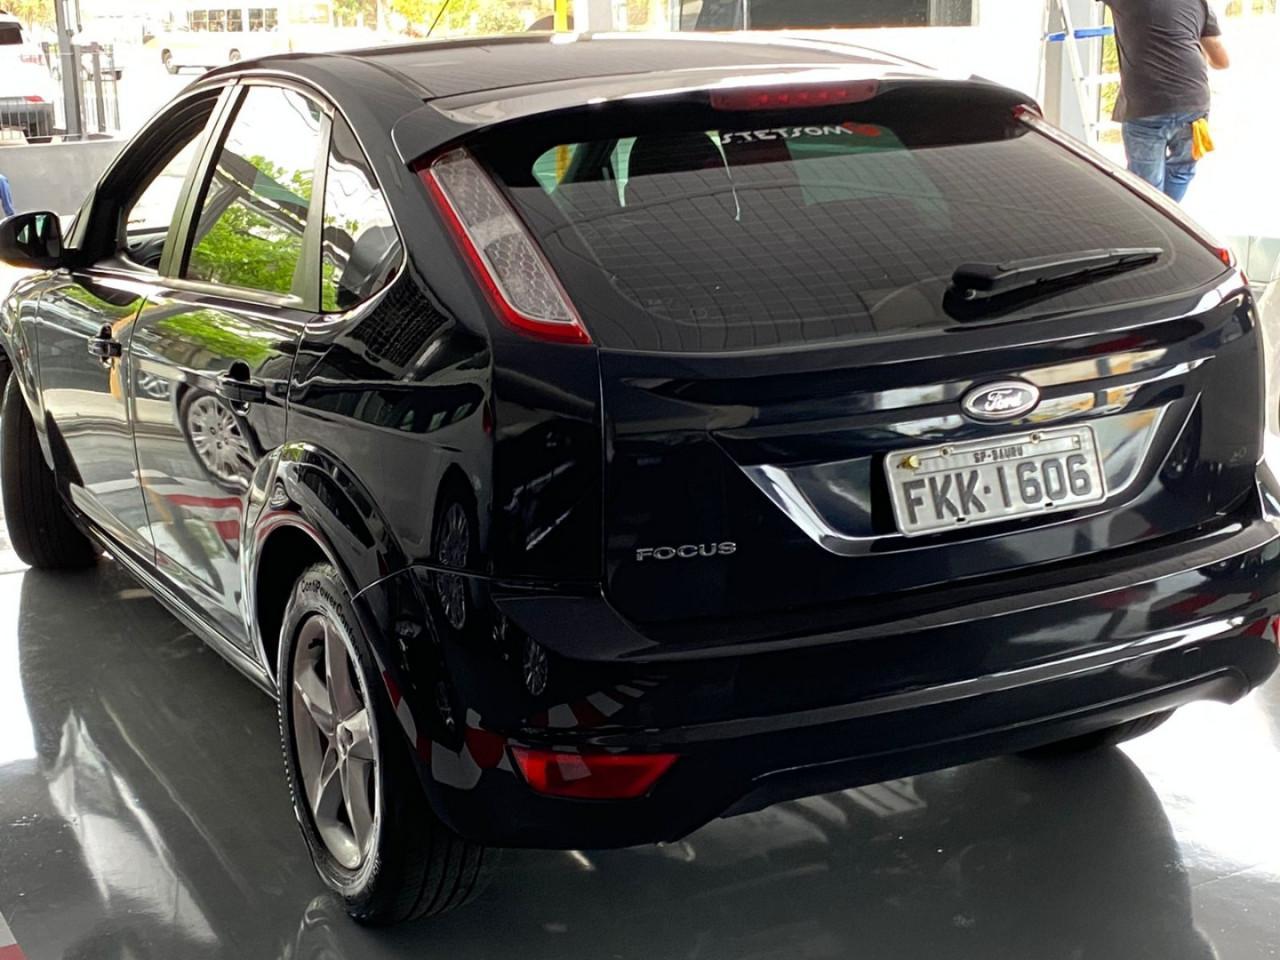 FORD Focus Hatch 2.0 16V 4P FLEX AUTOMÁTICO, Foto 7